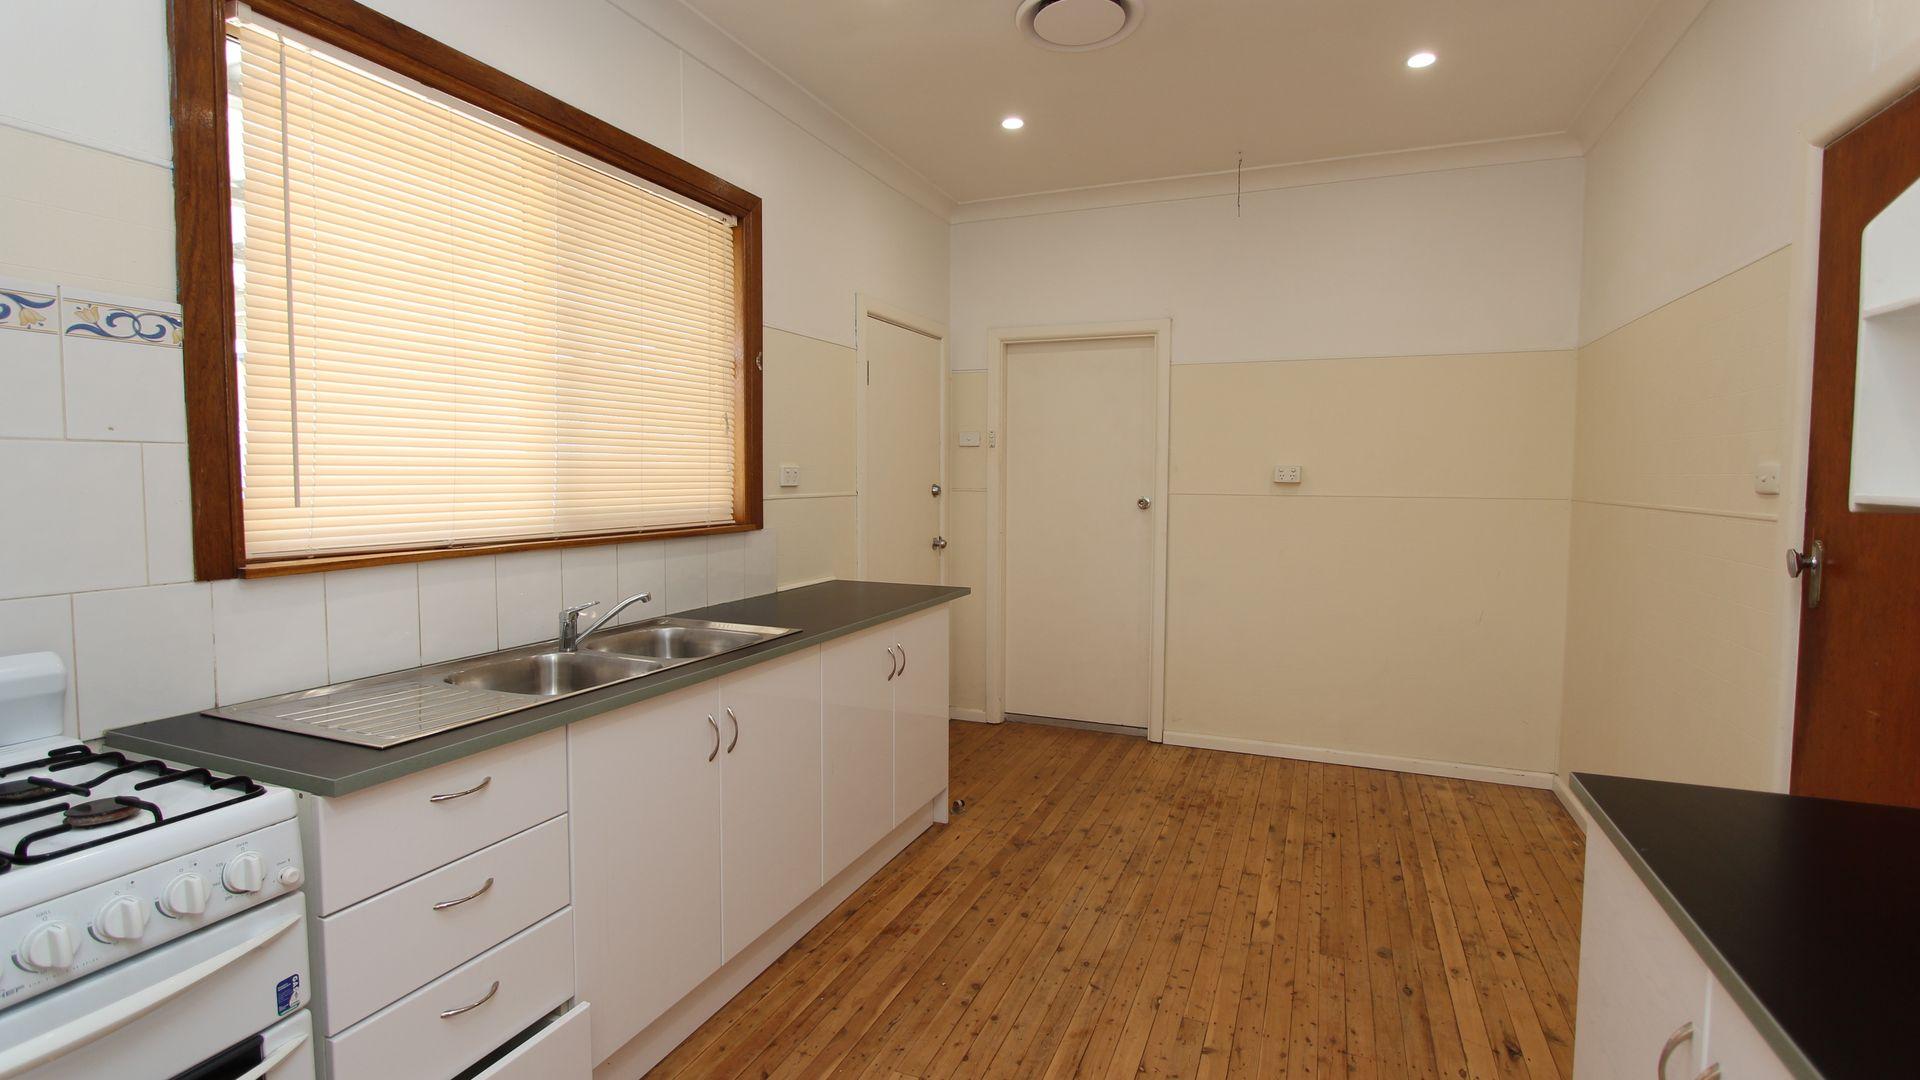 94 Sydney Rd, Bathurst NSW 2795, Image 1